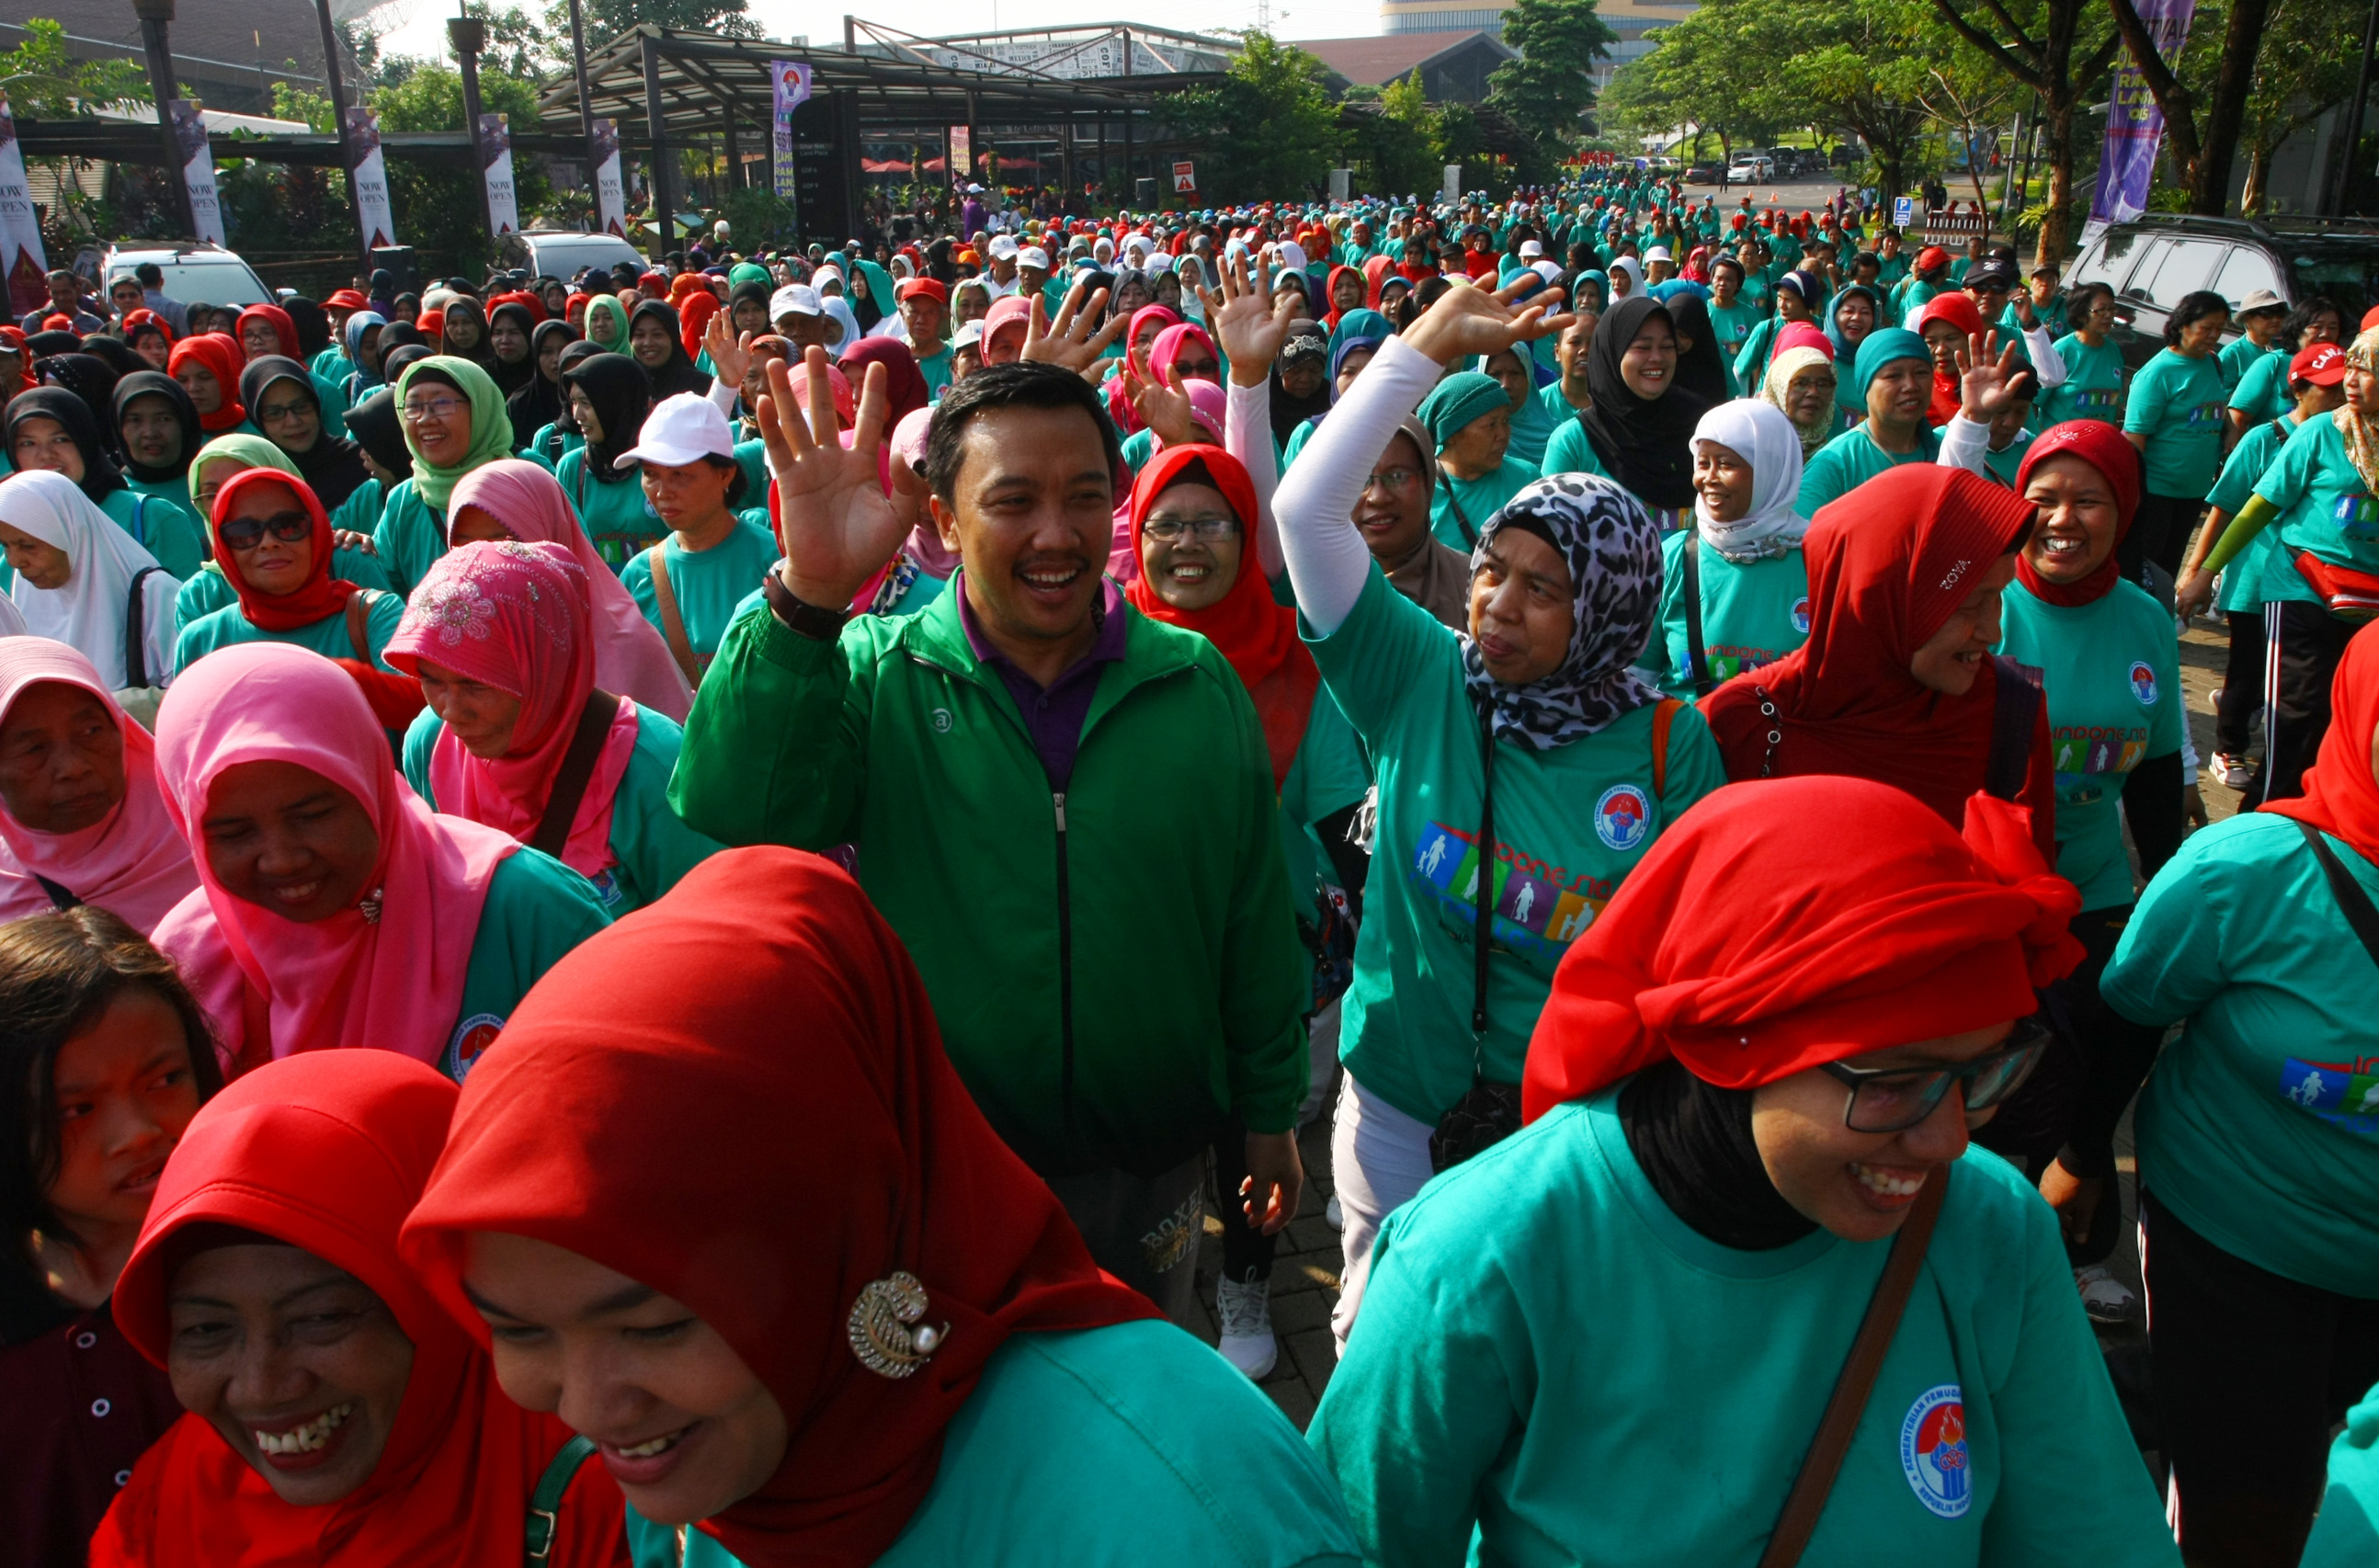 Menteri Pemuda dan Olahraga Imam Nahrawi (tengah) mengikuti jalan sehat 1.000 langkah bersama ribuan warga lanjut usia dalam rangka festival olahraga lansia di Serpong, Tangerang, Banten, pada 14 November 2015. Foto oleh Muhammad Iqbal/Antara